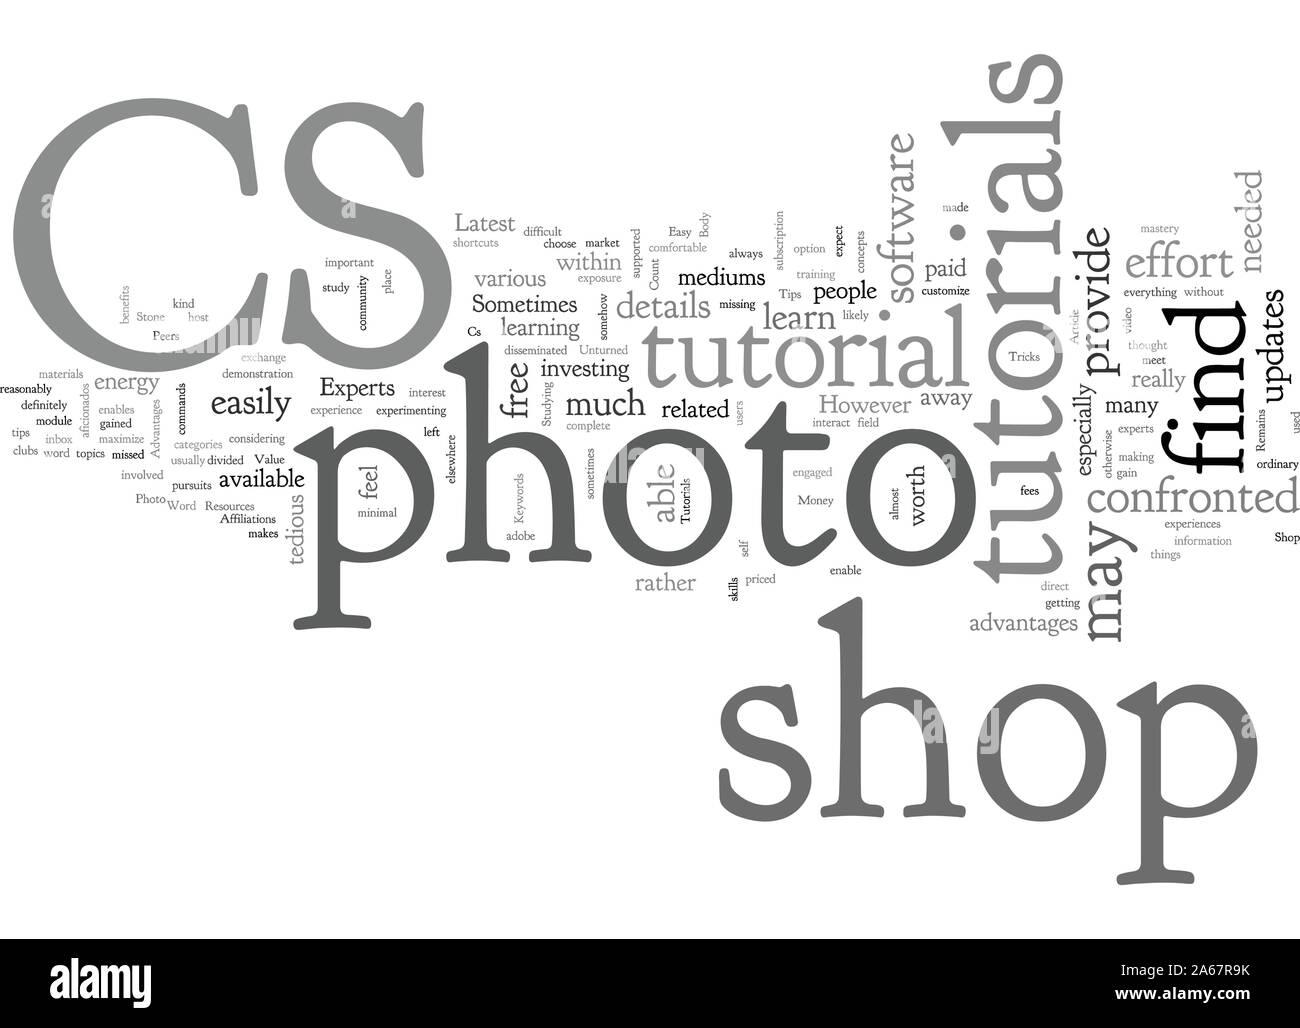 Advantages Of Cs Photo Shop Tutorials Stock Vector